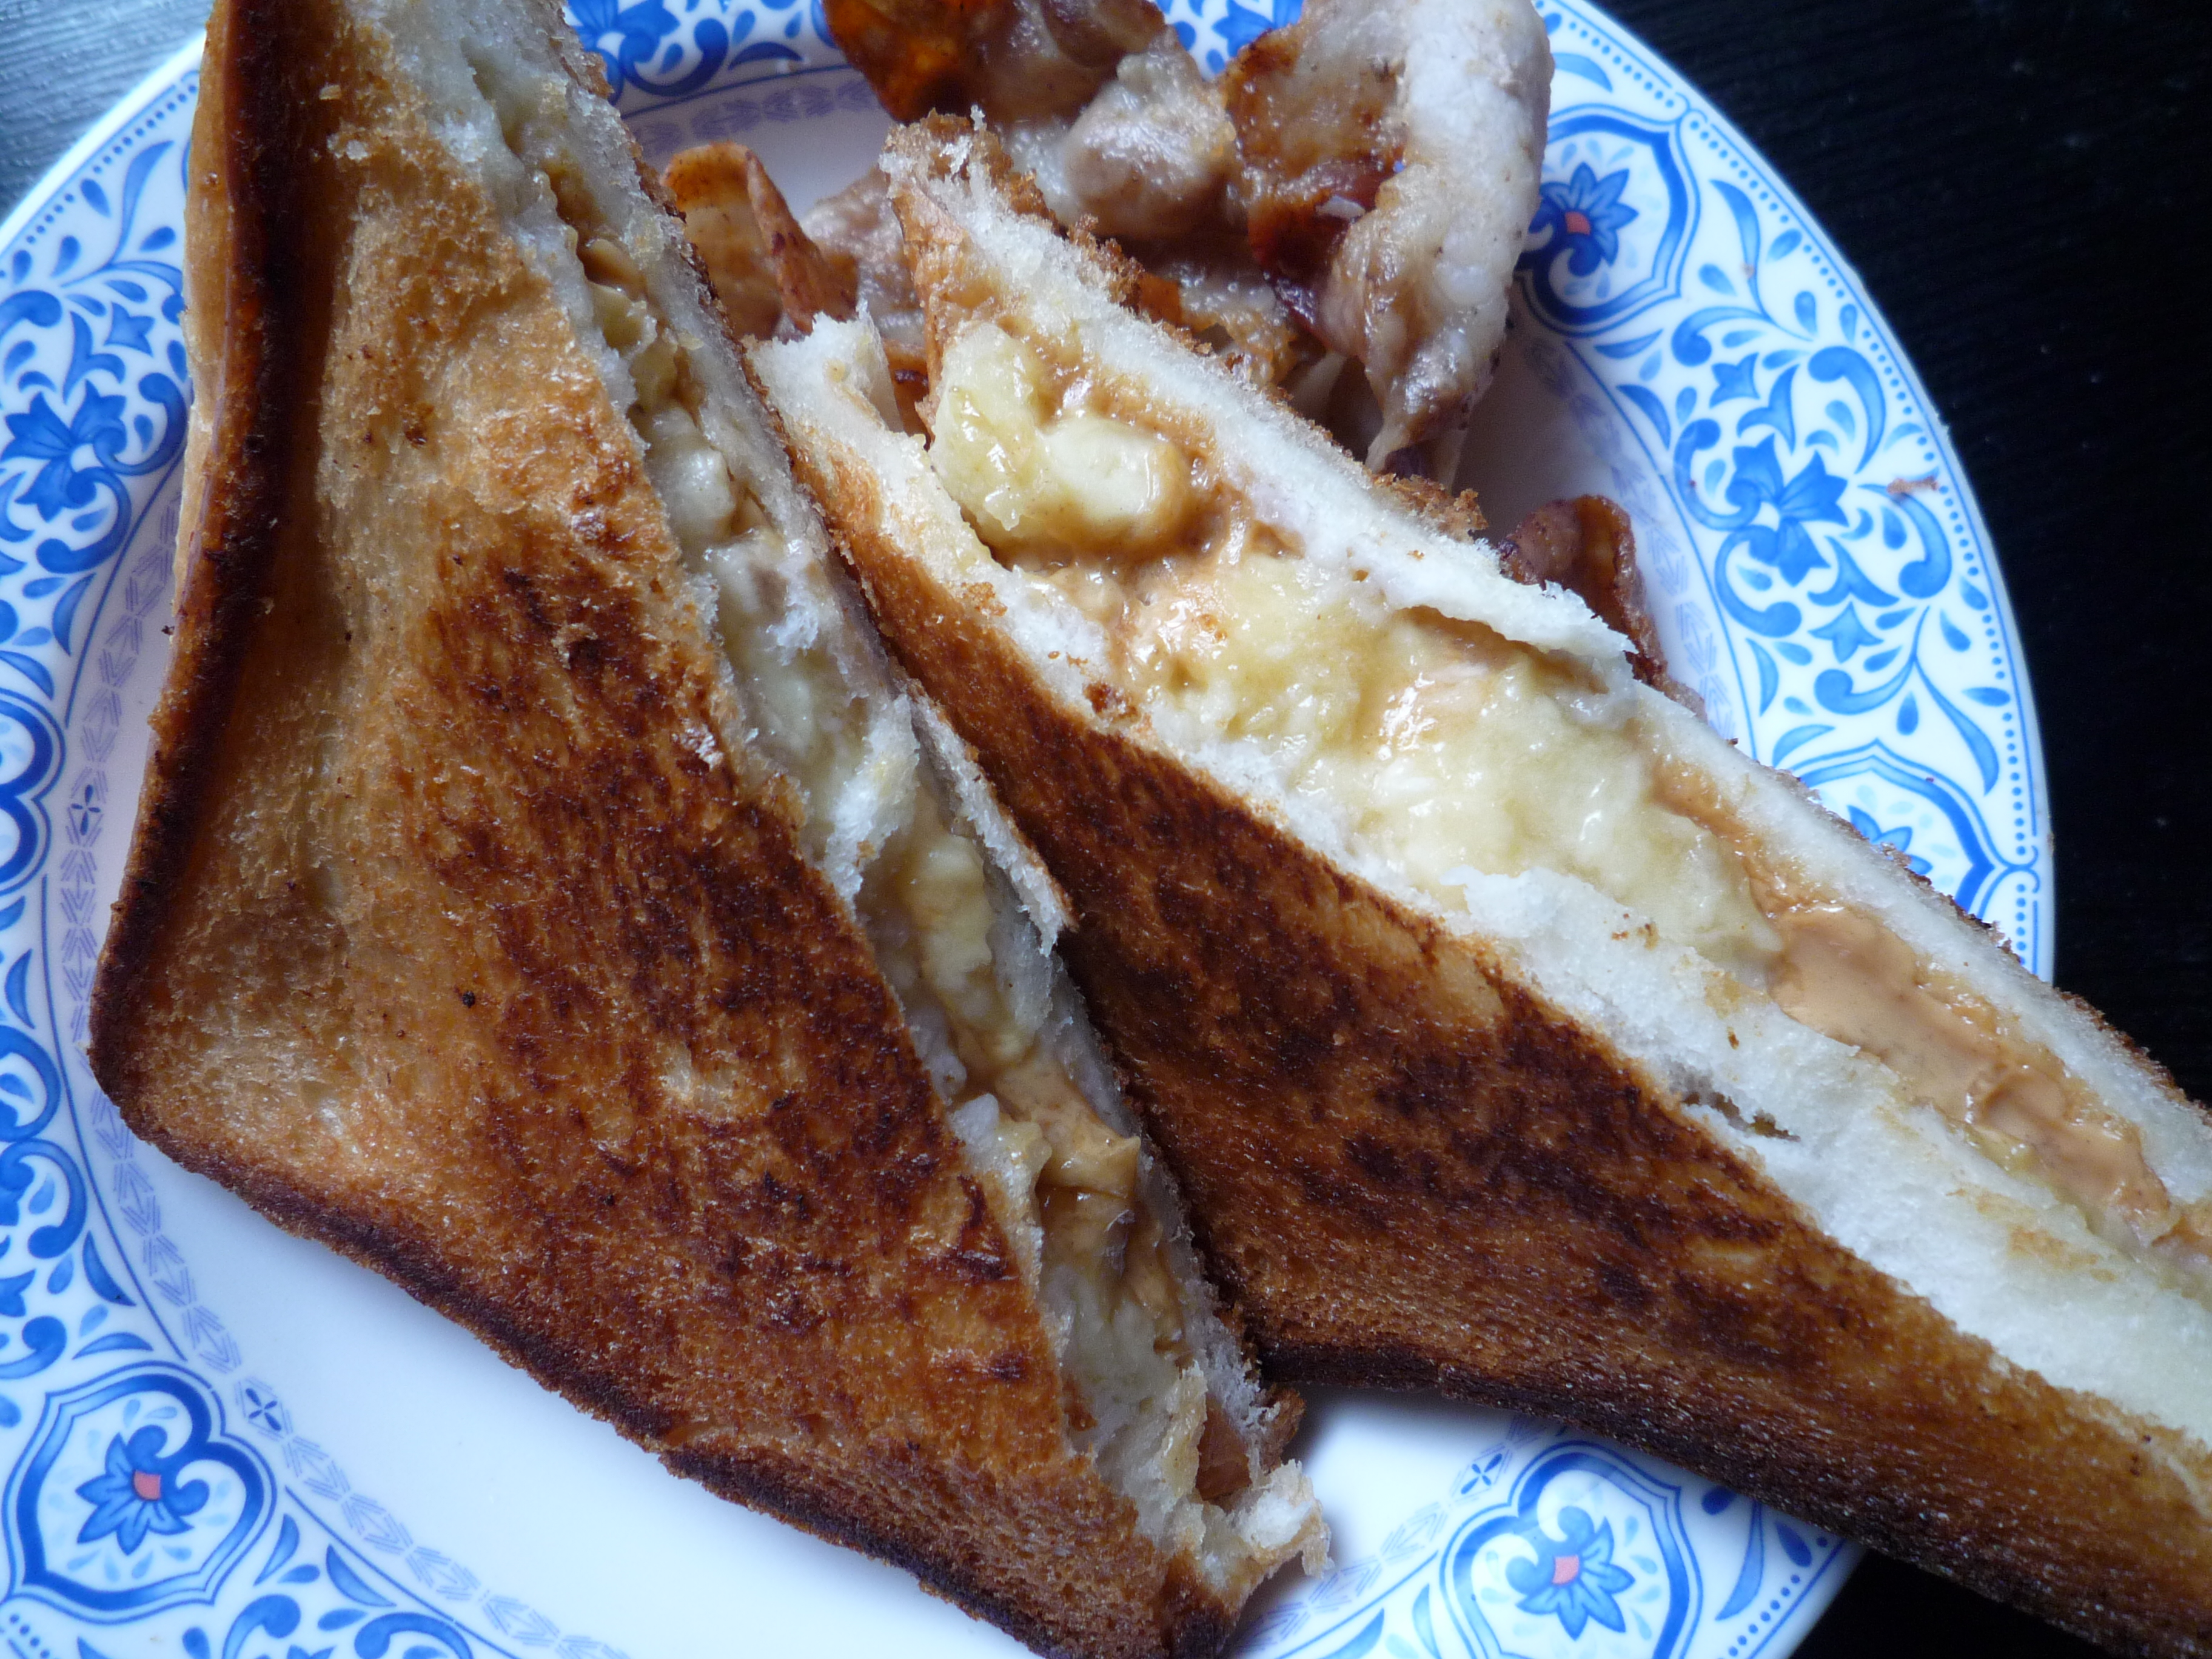 エルビスサンド ピーナッツバターとバナナのグリルドサンドイッチ10